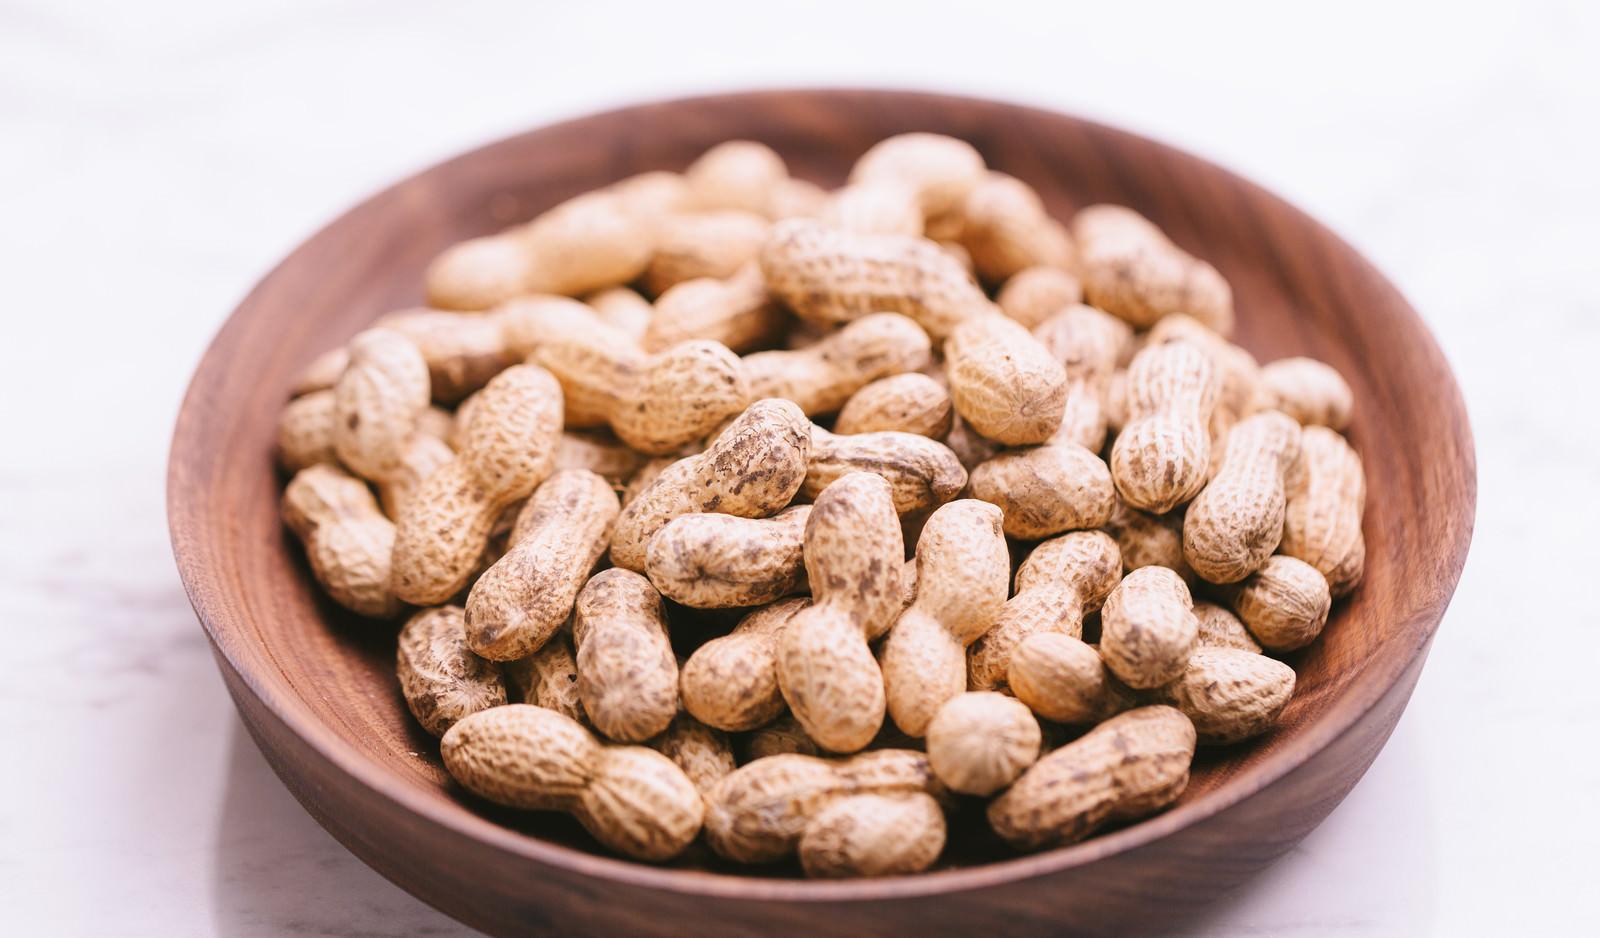 「ピーナッツピーナッツ」のフリー写真素材を拡大